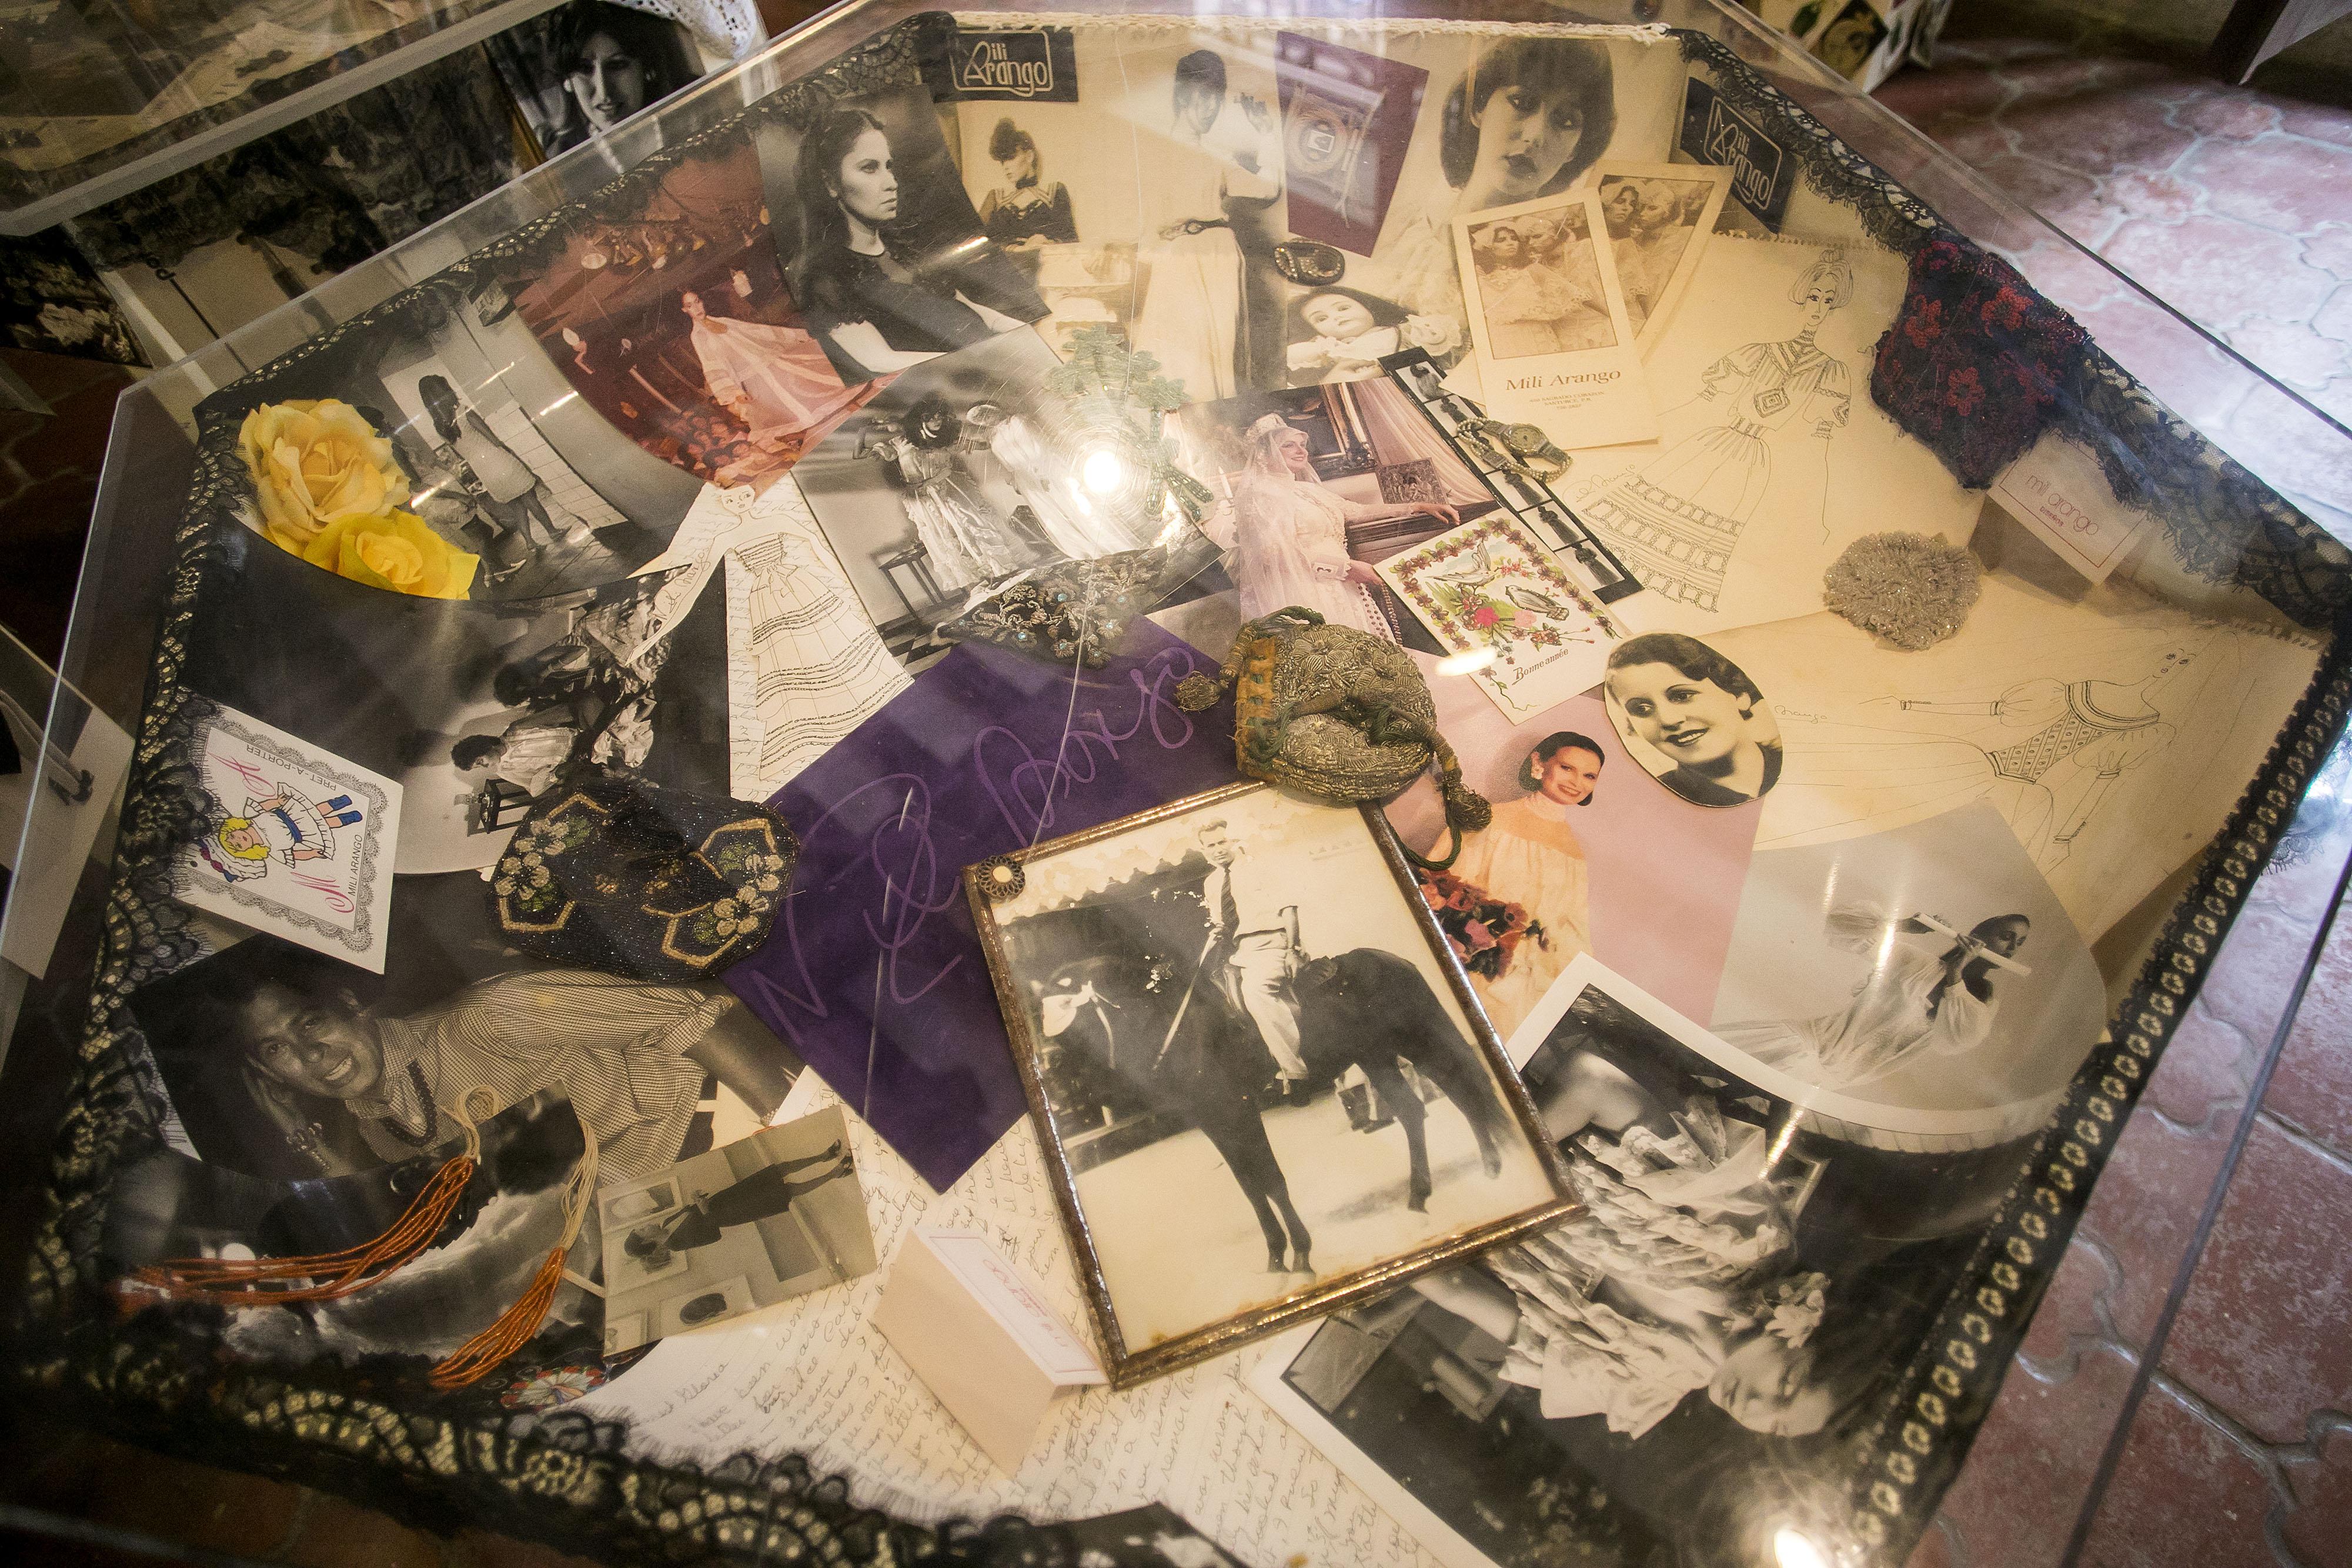 En uno de los salones se encuentran tres mesas con objetos, fotos, ilustraciones, artículos de periódicos, libros y pertenencias de Arango. (Foto: Xavier García)